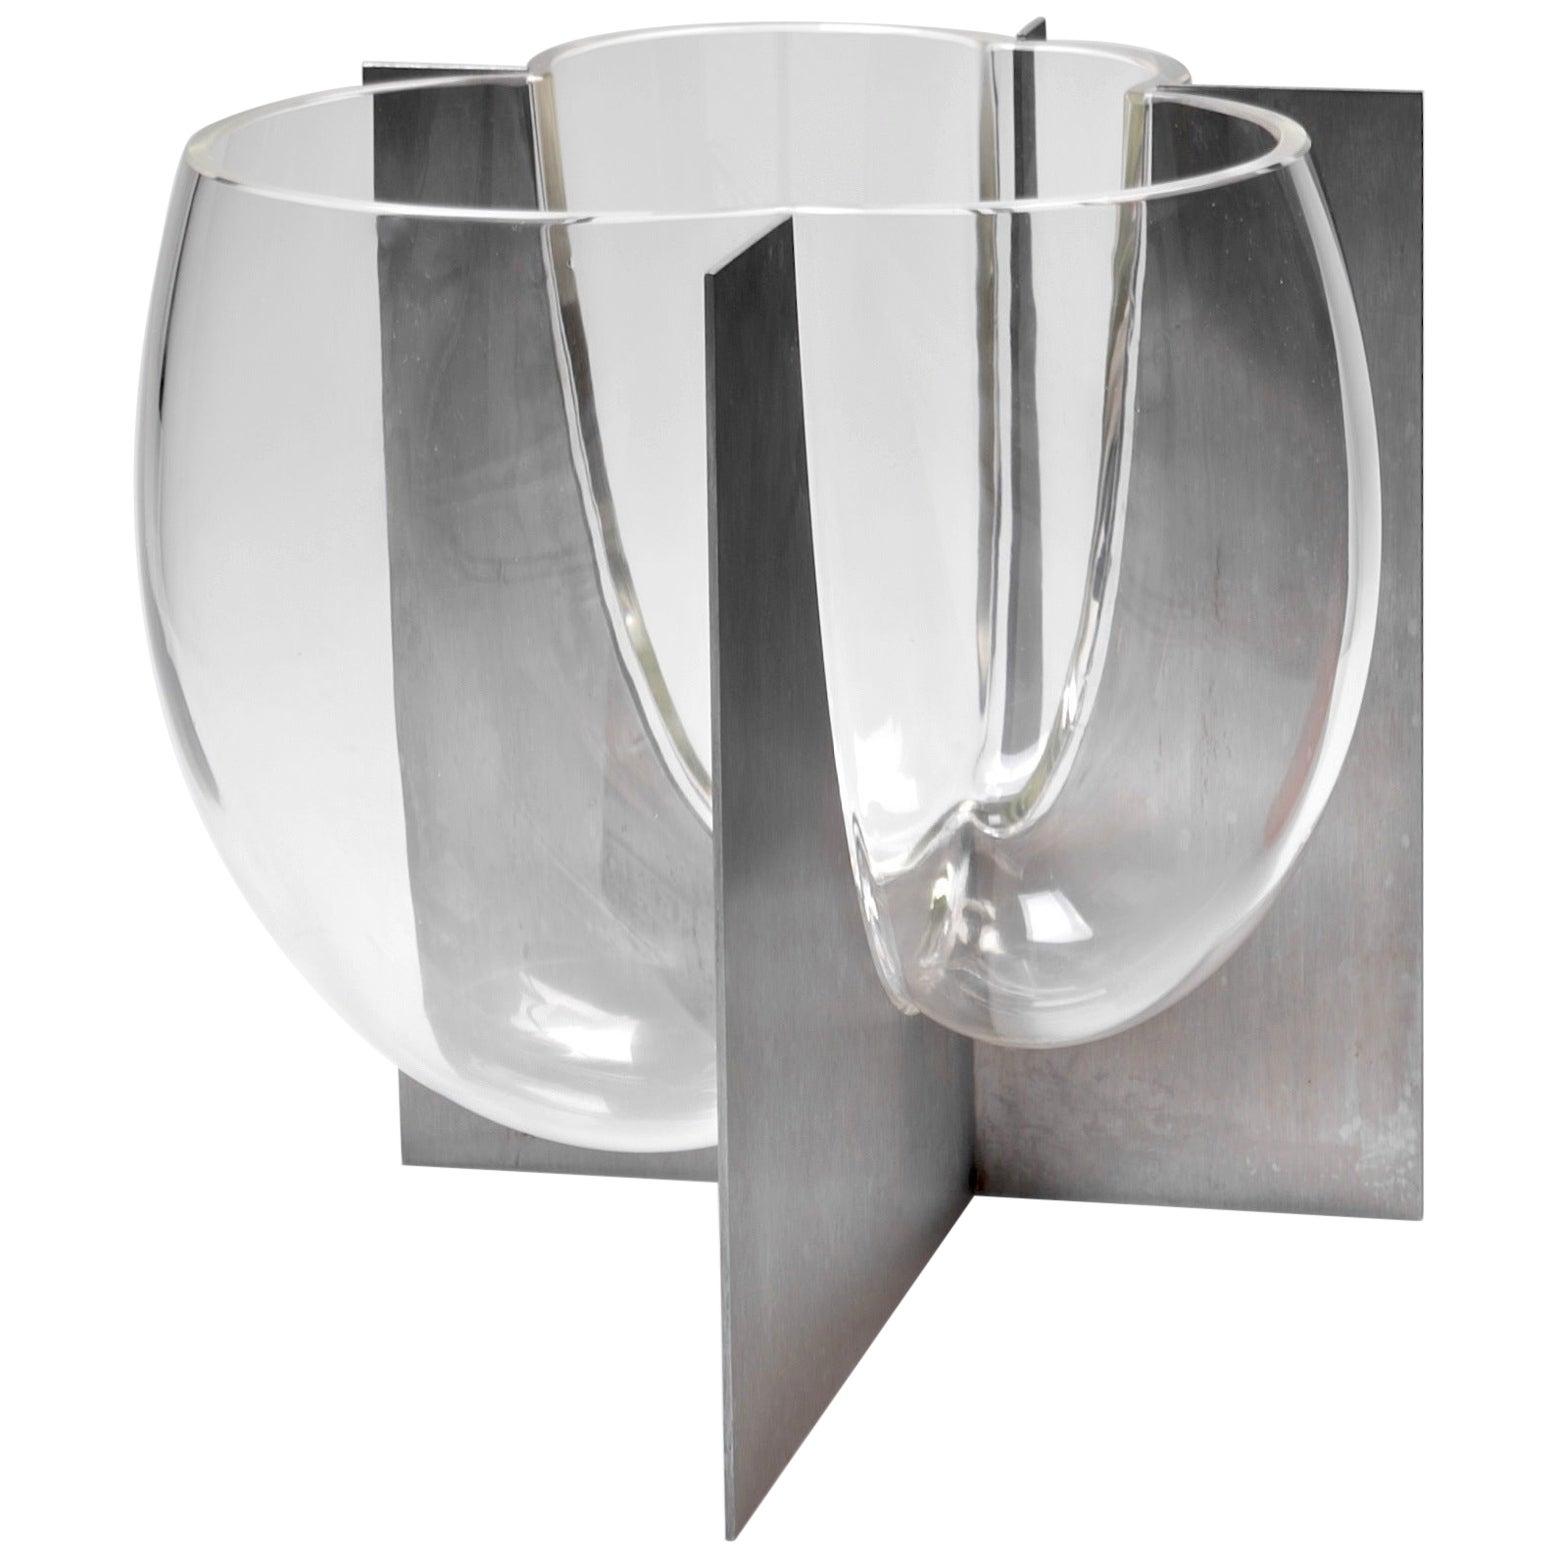 Carlo Nason Murano Glass Vase Set in Steel